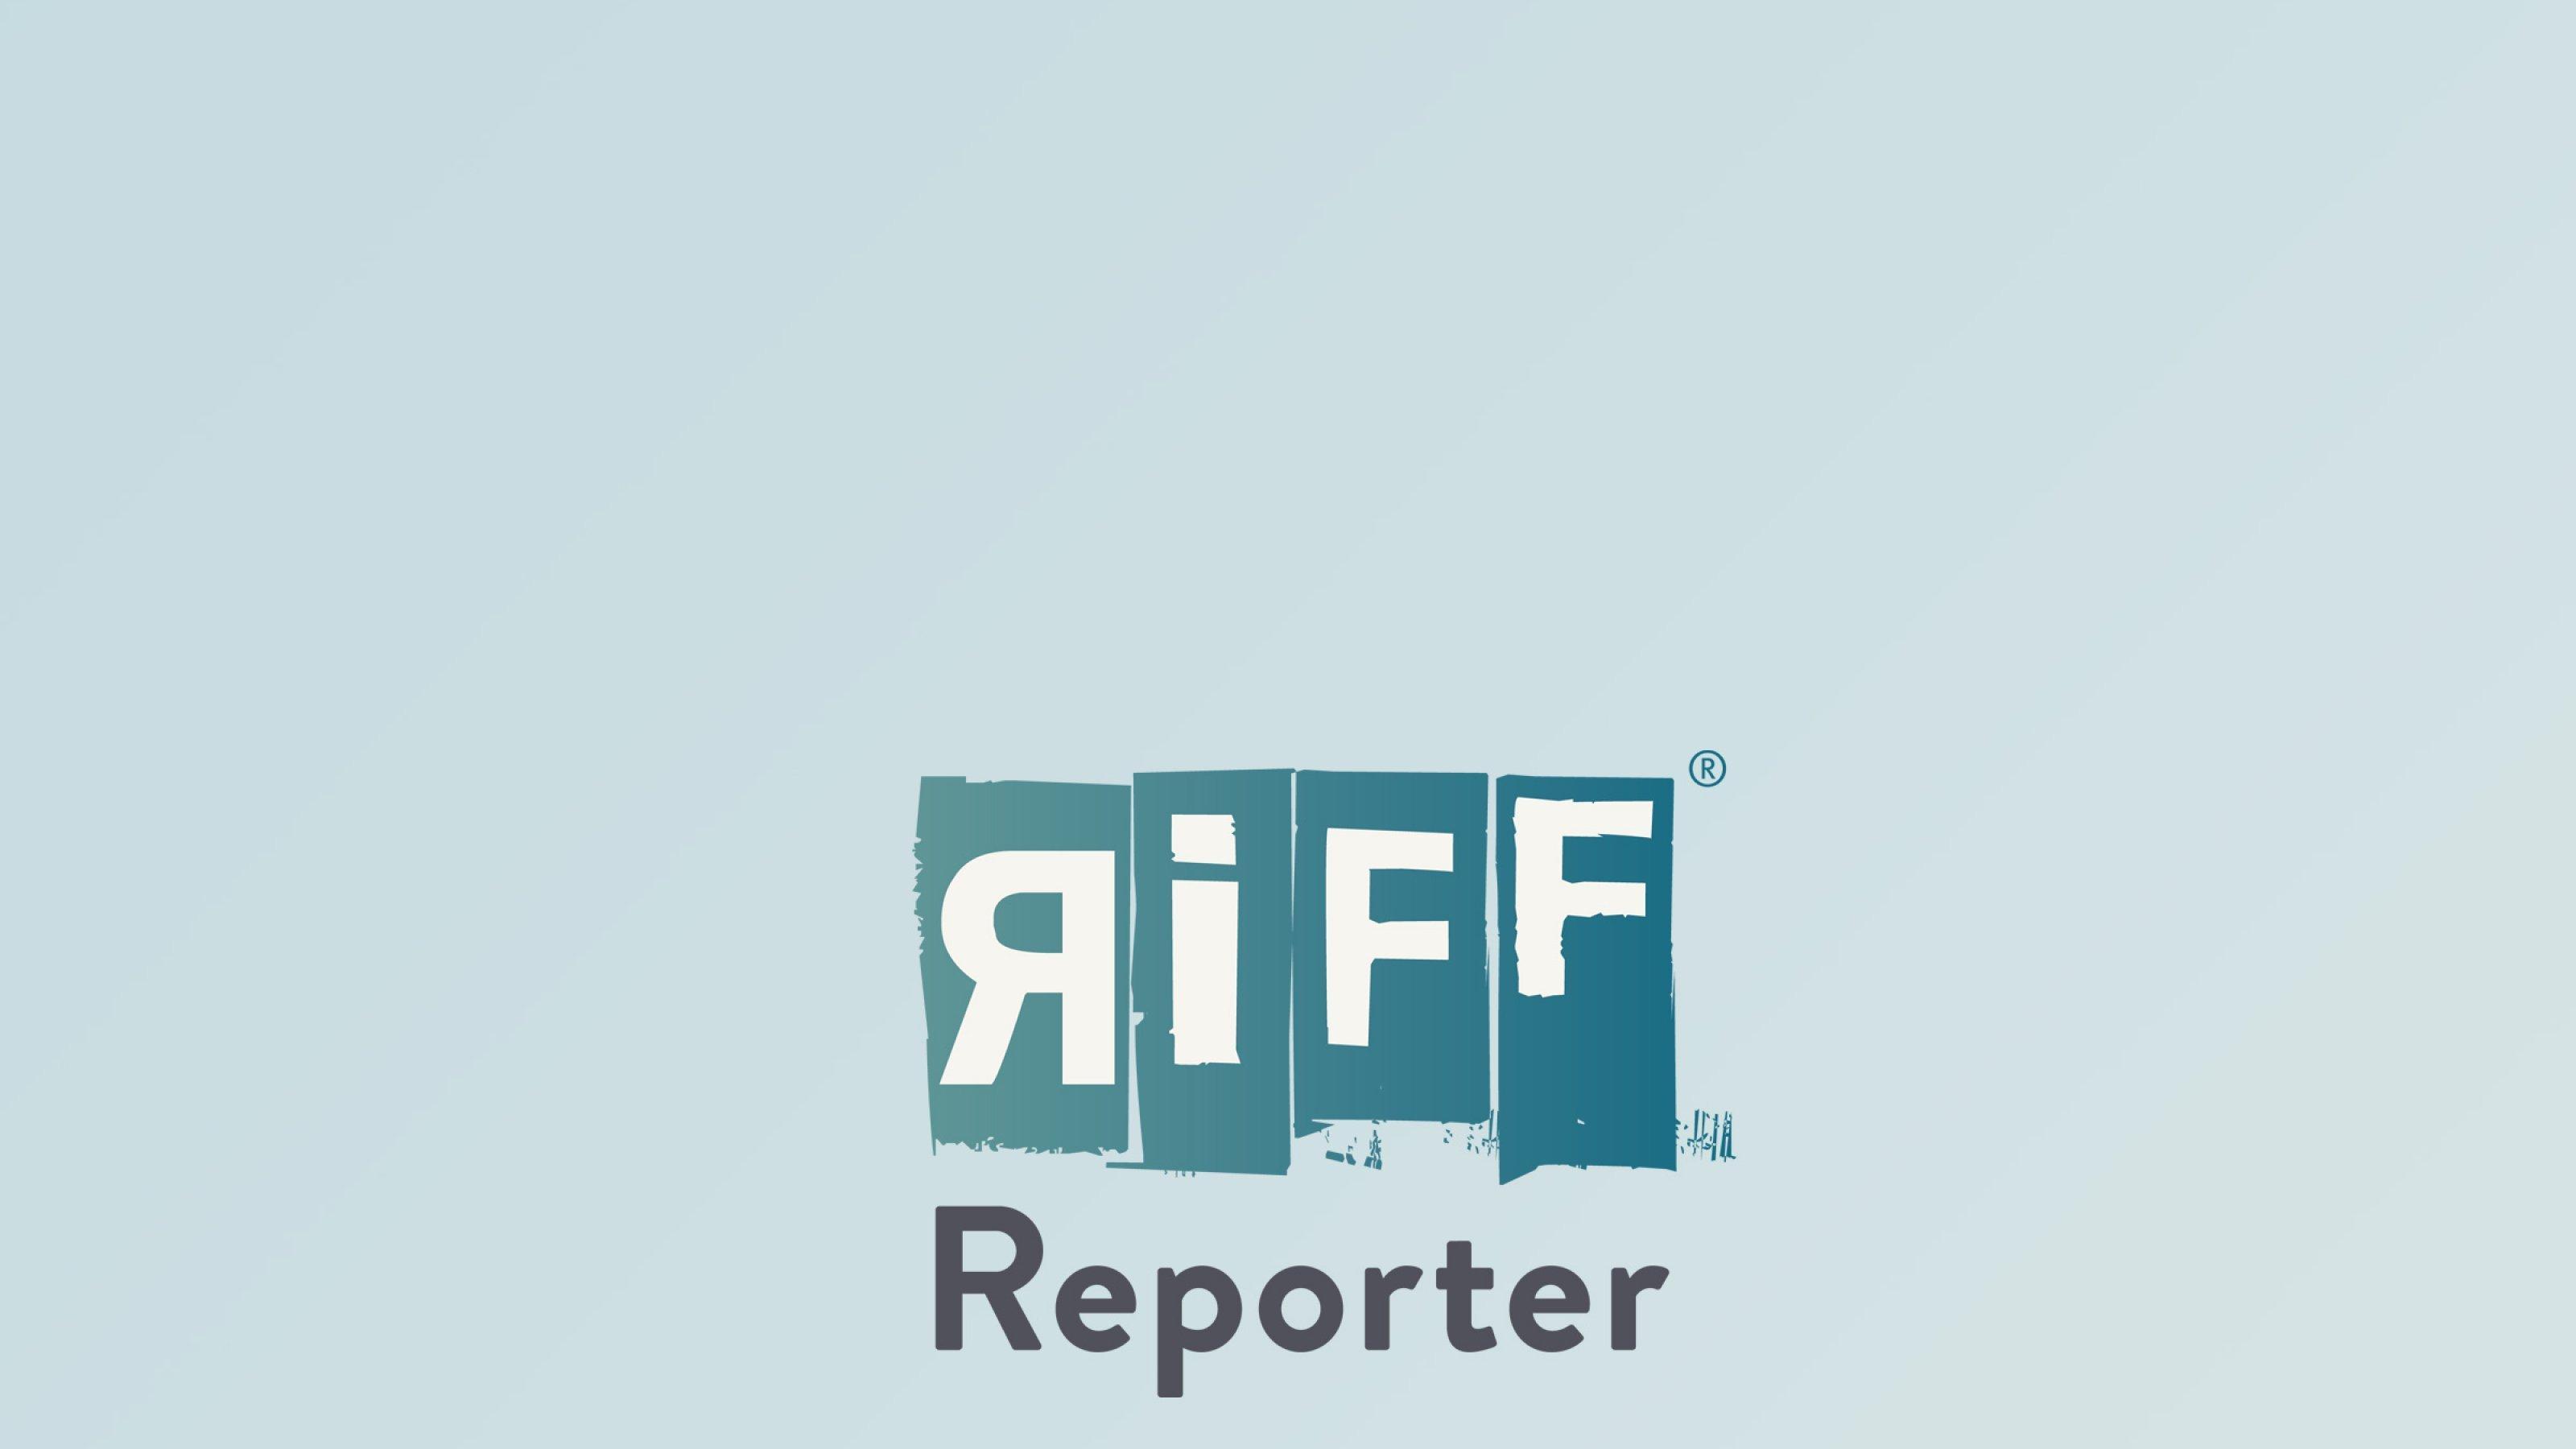 Vater und Mutter gehen mit Ihrer Tochter spazieren. Man sieht sie von hinten